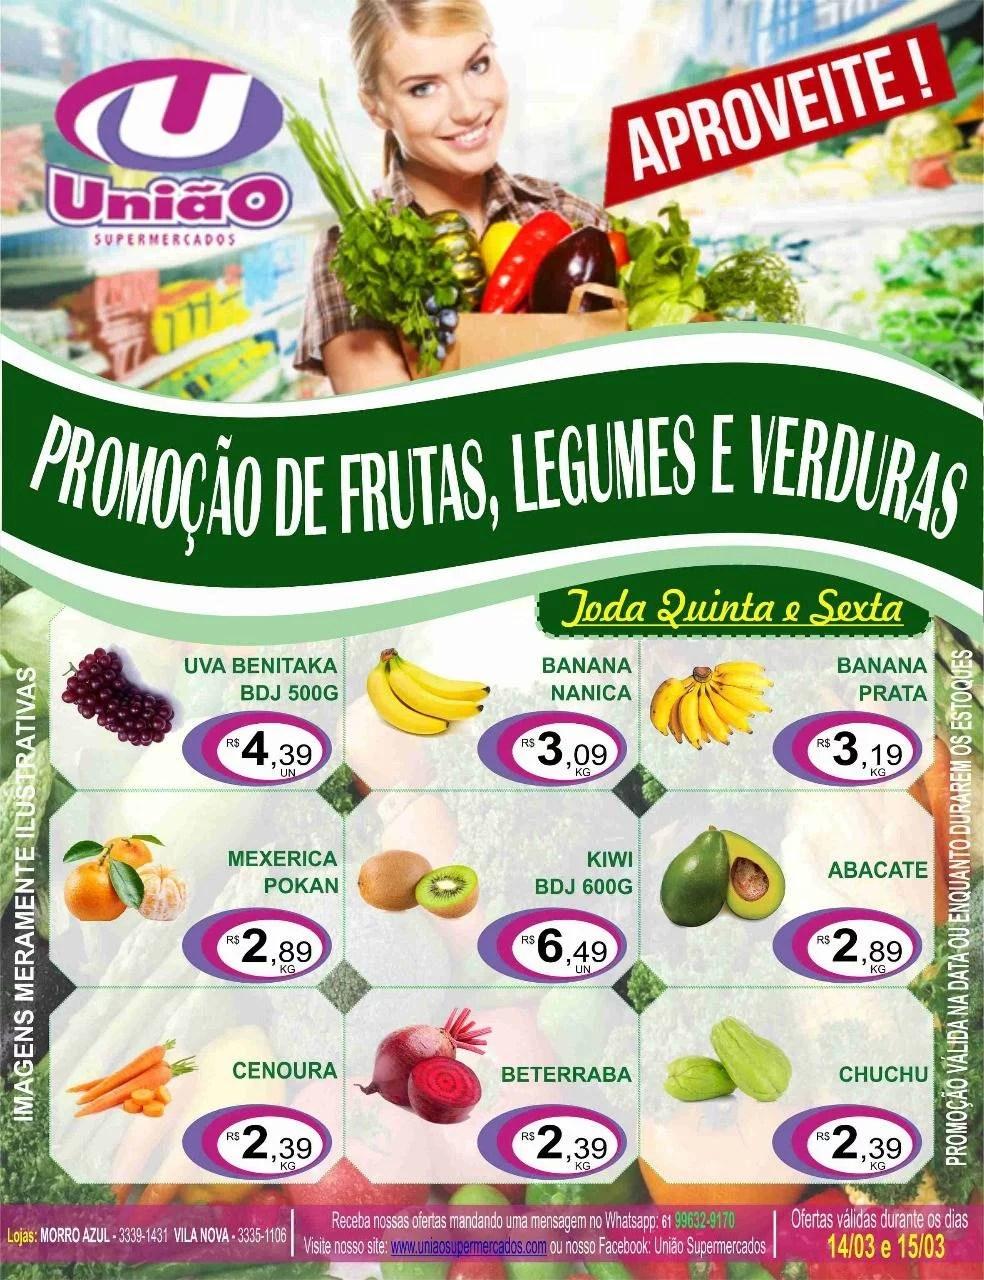 Ofertas Supermercado União68